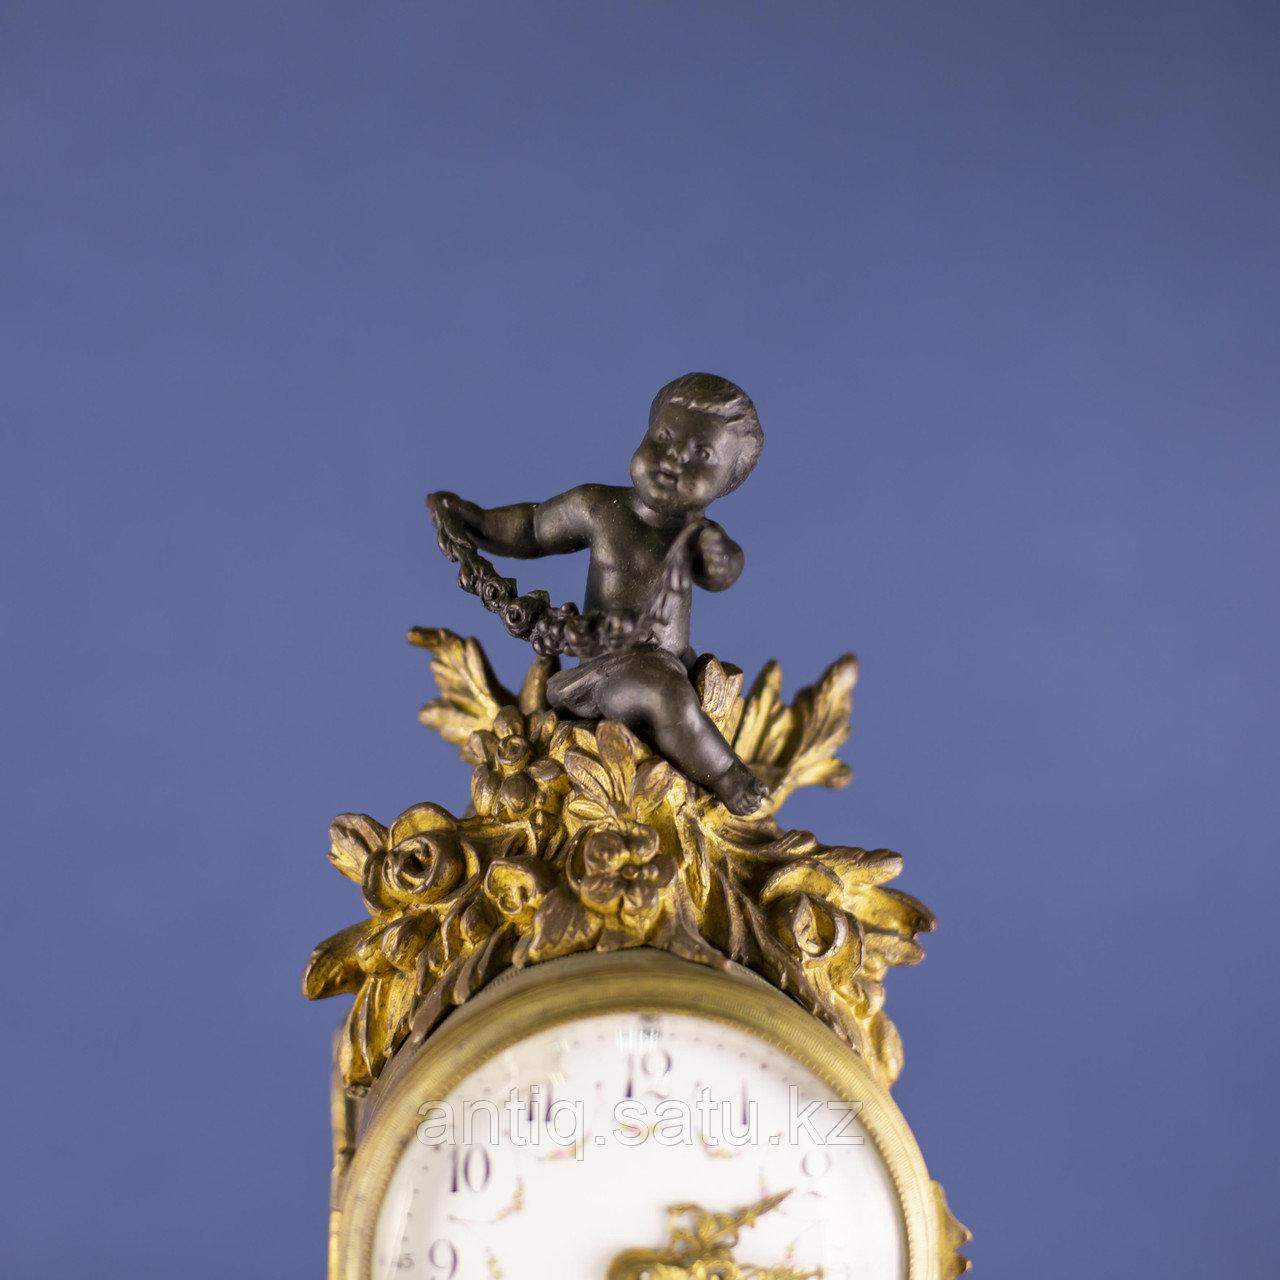 Кабинетный часовой гарнитур в стиле Людовика XVI Франция. II половина XIX века - фото 4